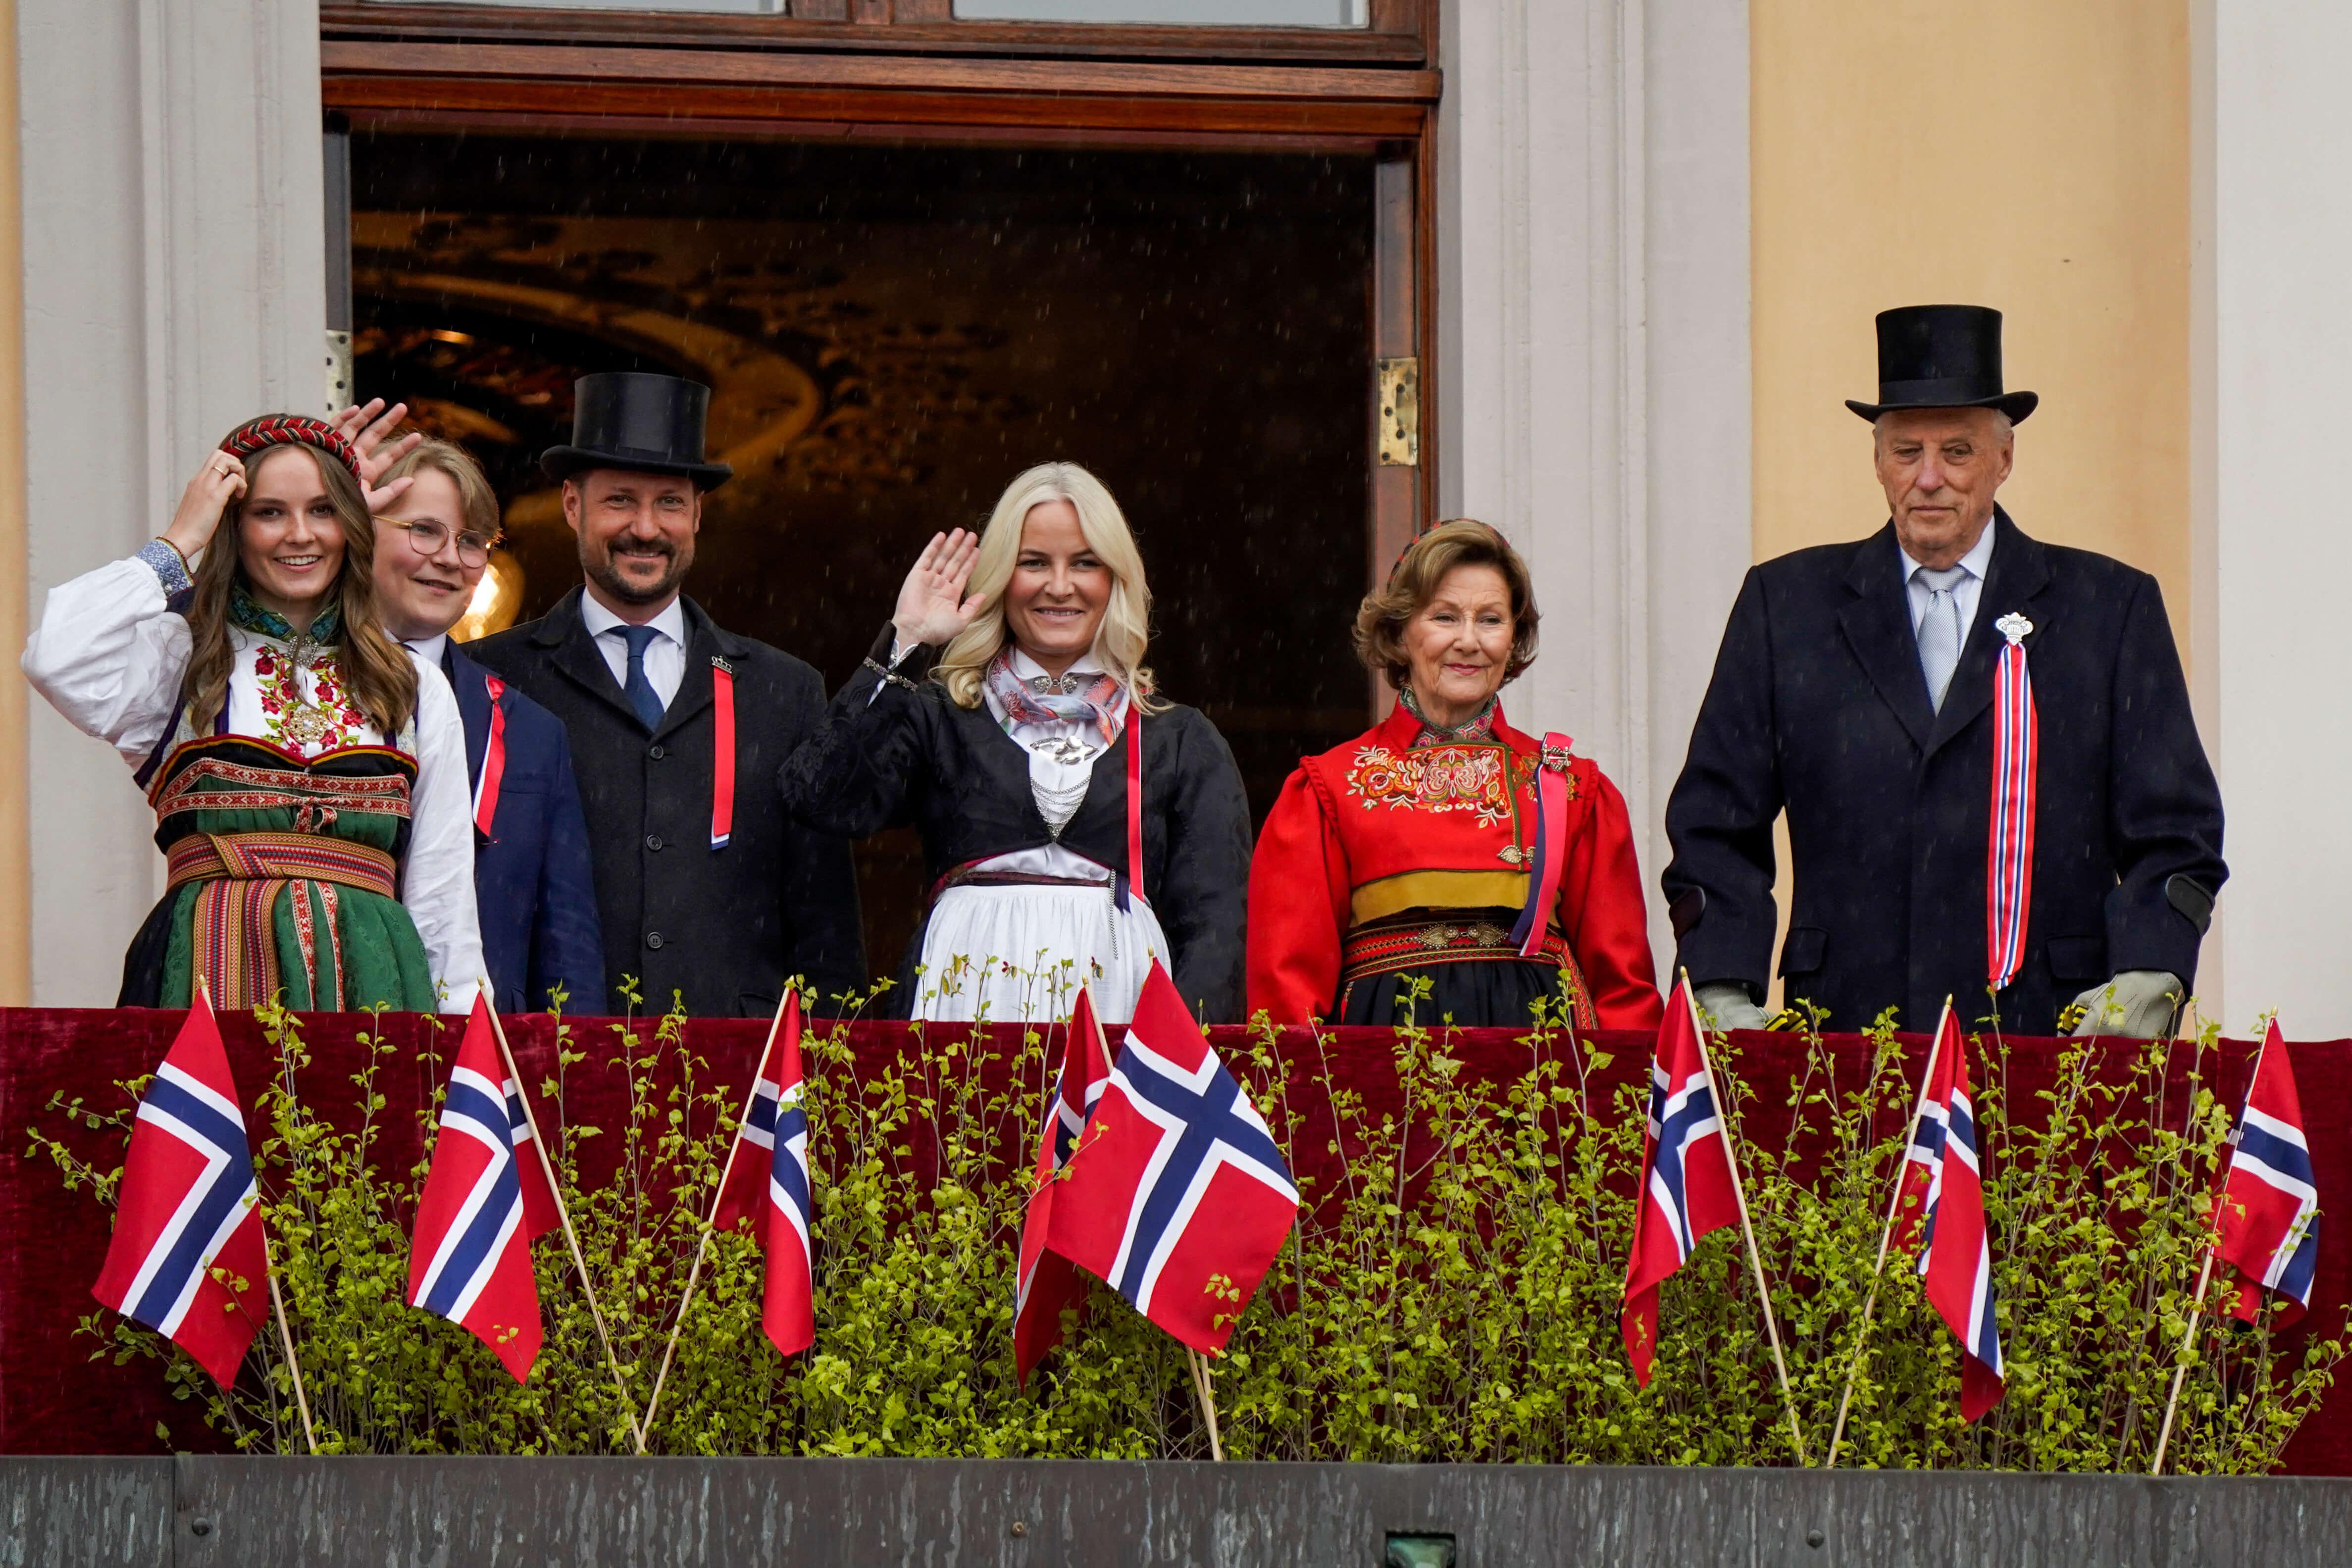 Nationalfeiertag in Norwegen: Alle Augen schauen auf Ingrid Alexandra